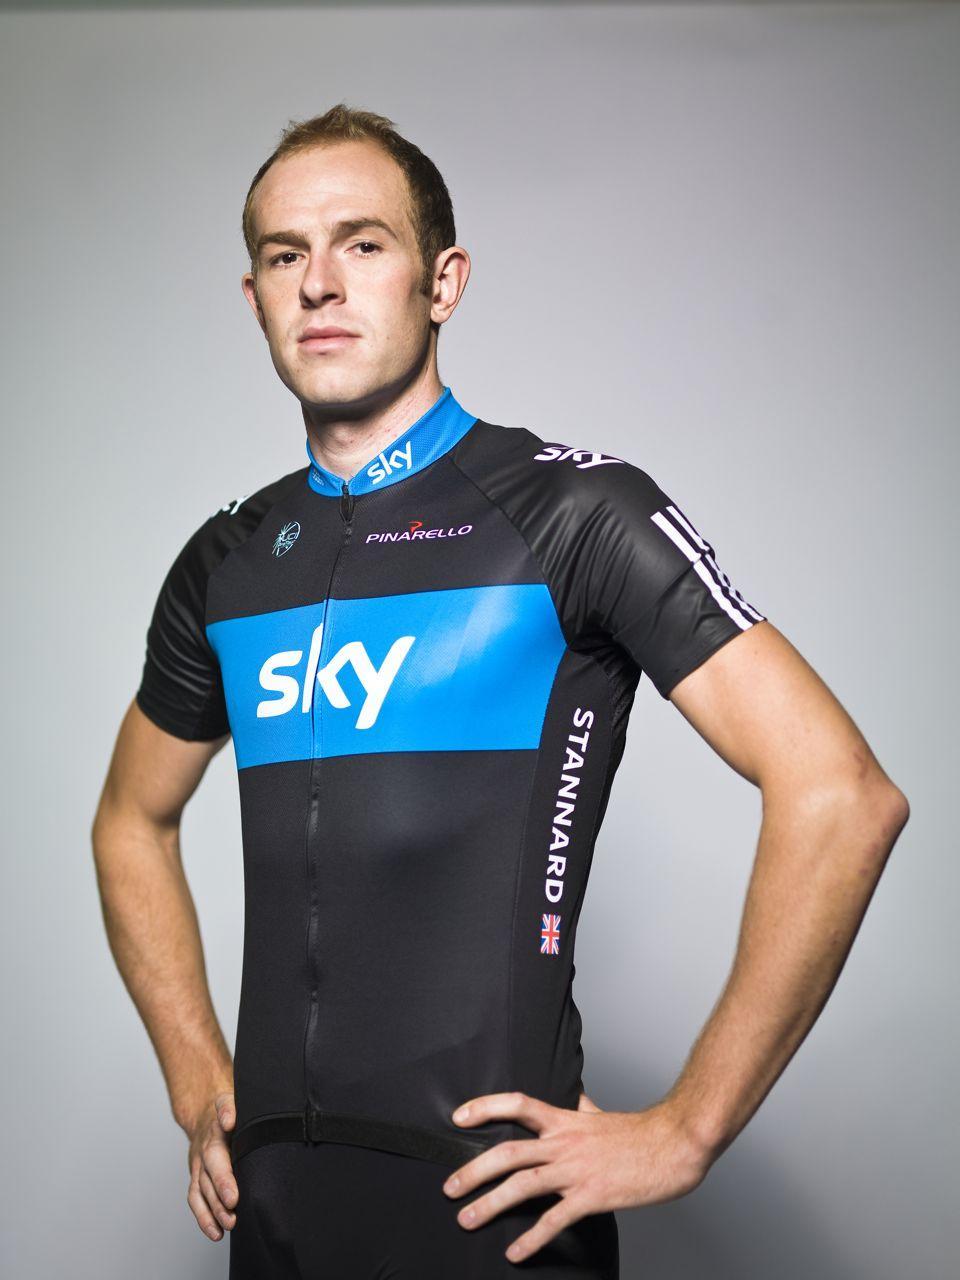 Team Sky 2010 Ian_Stannard_0622